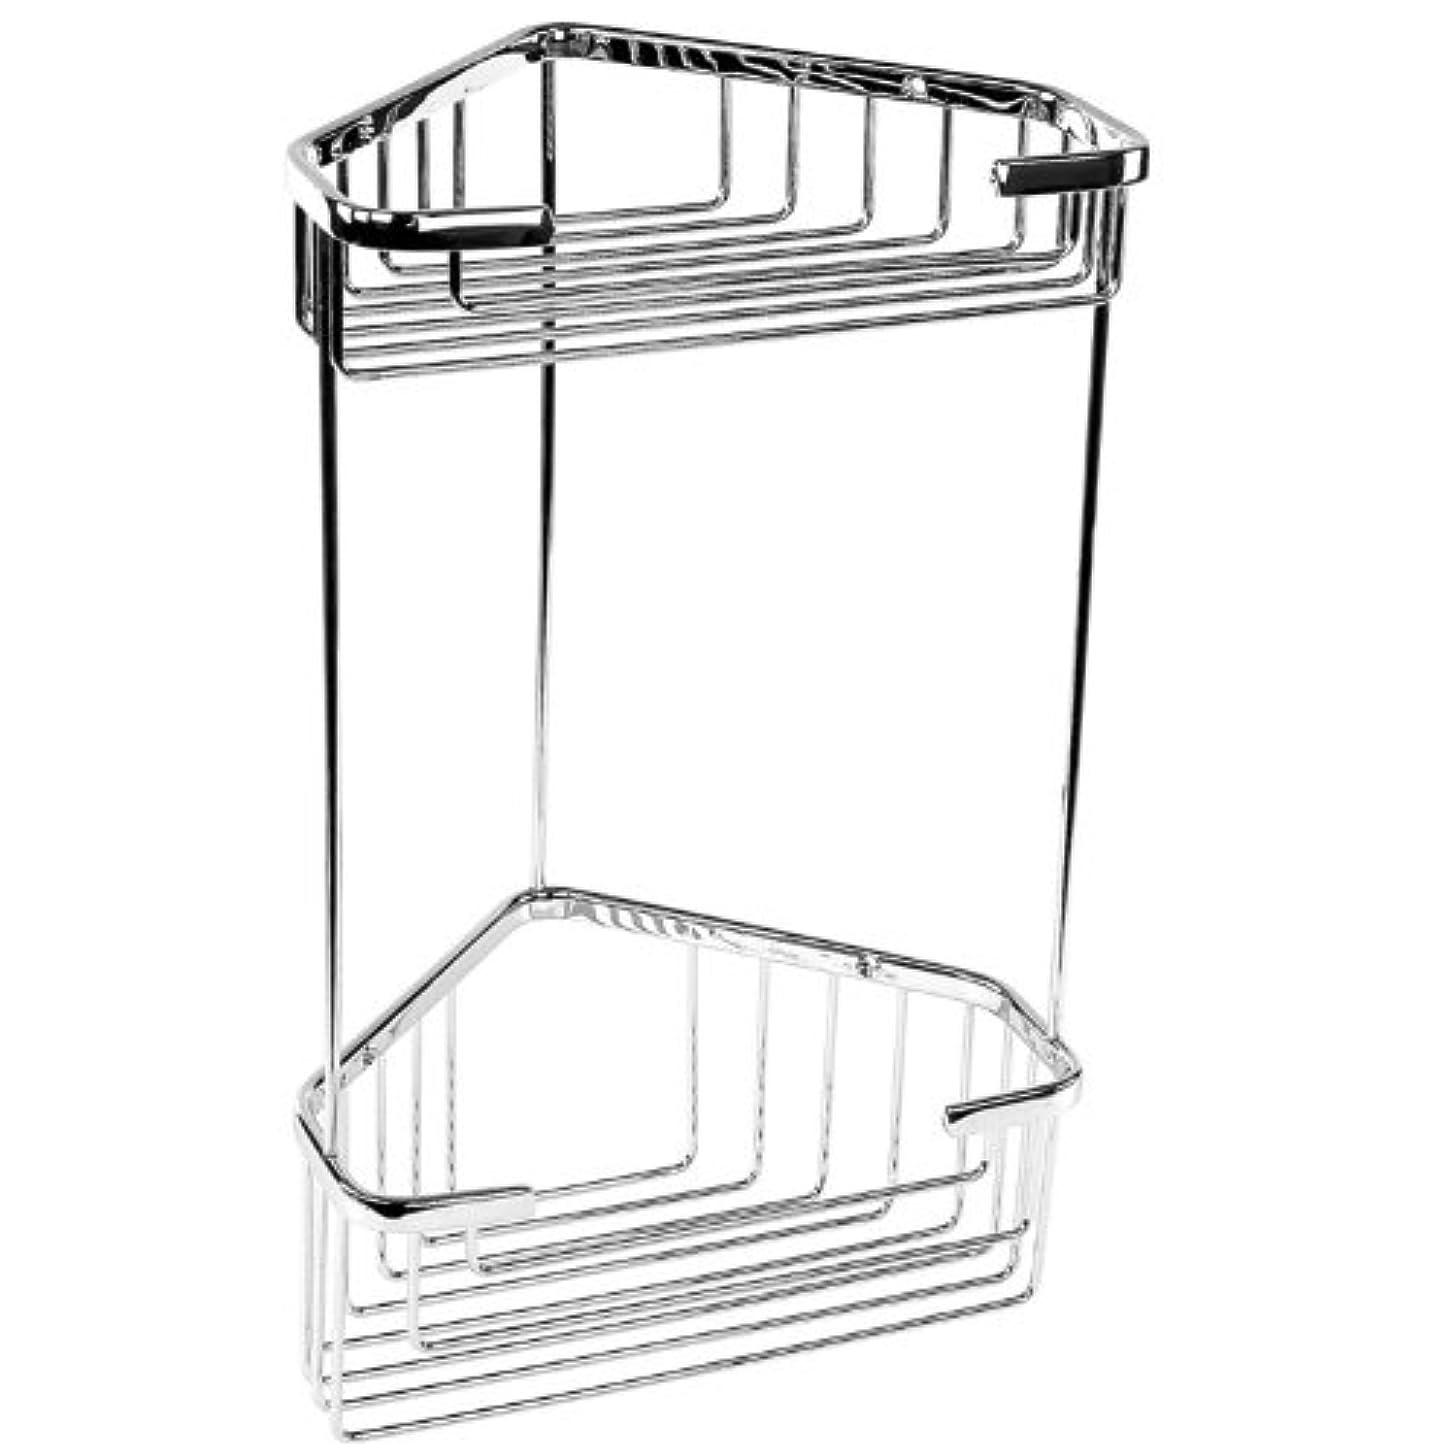 Gedy Gedy 2482 Gedy 2482 Wire Corner Double Shower Basket,Chrome